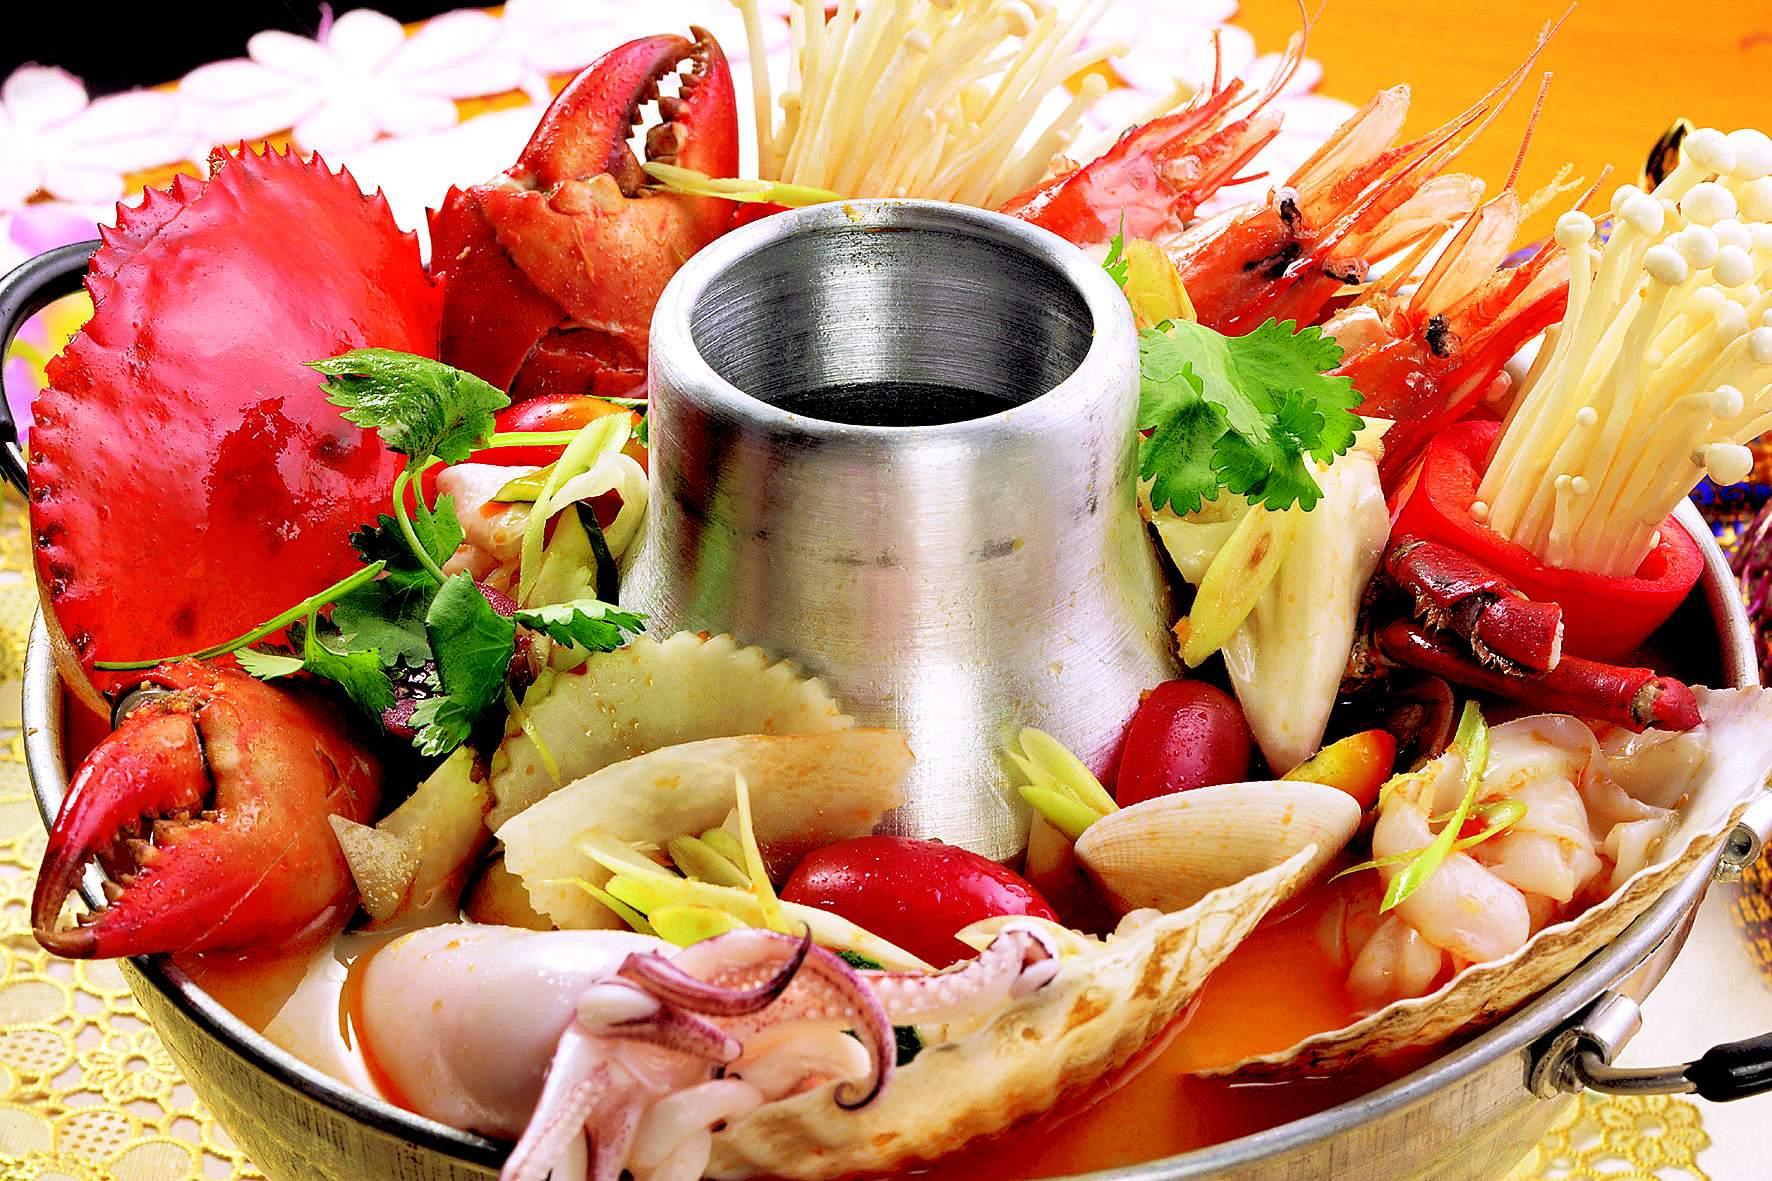 教你在广西吃、喝、玩、乐!爽美食v美食图片图片大全大全图片大全大全泰国图片